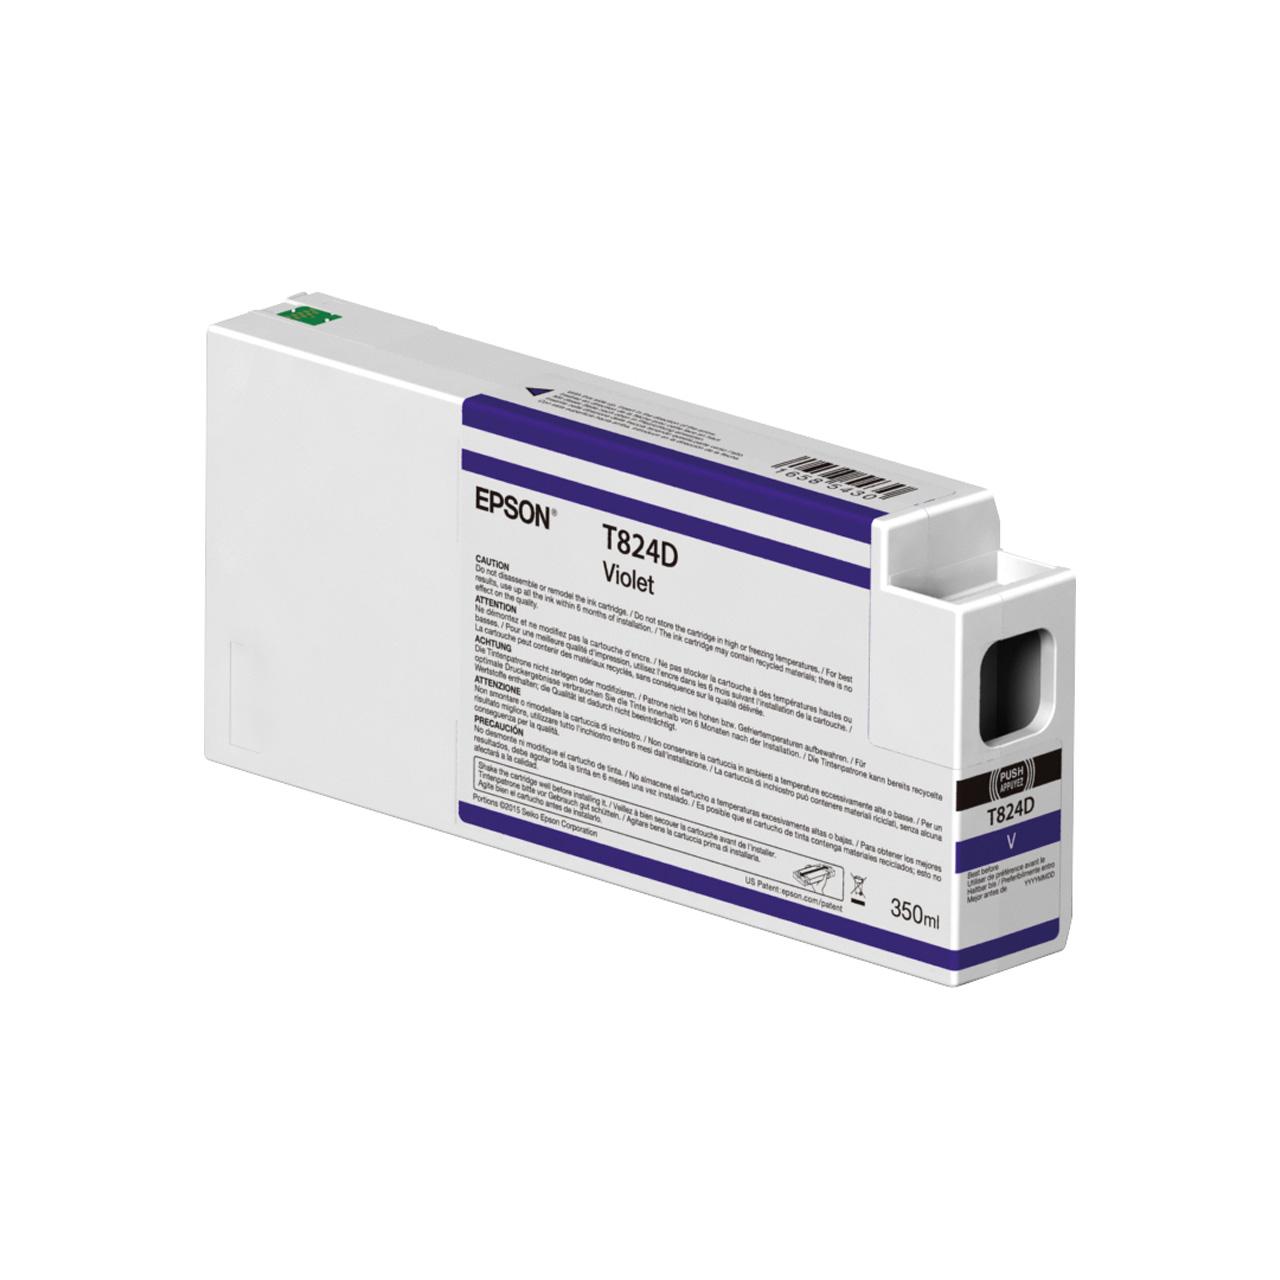 کارتریج بنفش اپسون مدل اولتراکروم HDX T824D00 350میلی لیتر